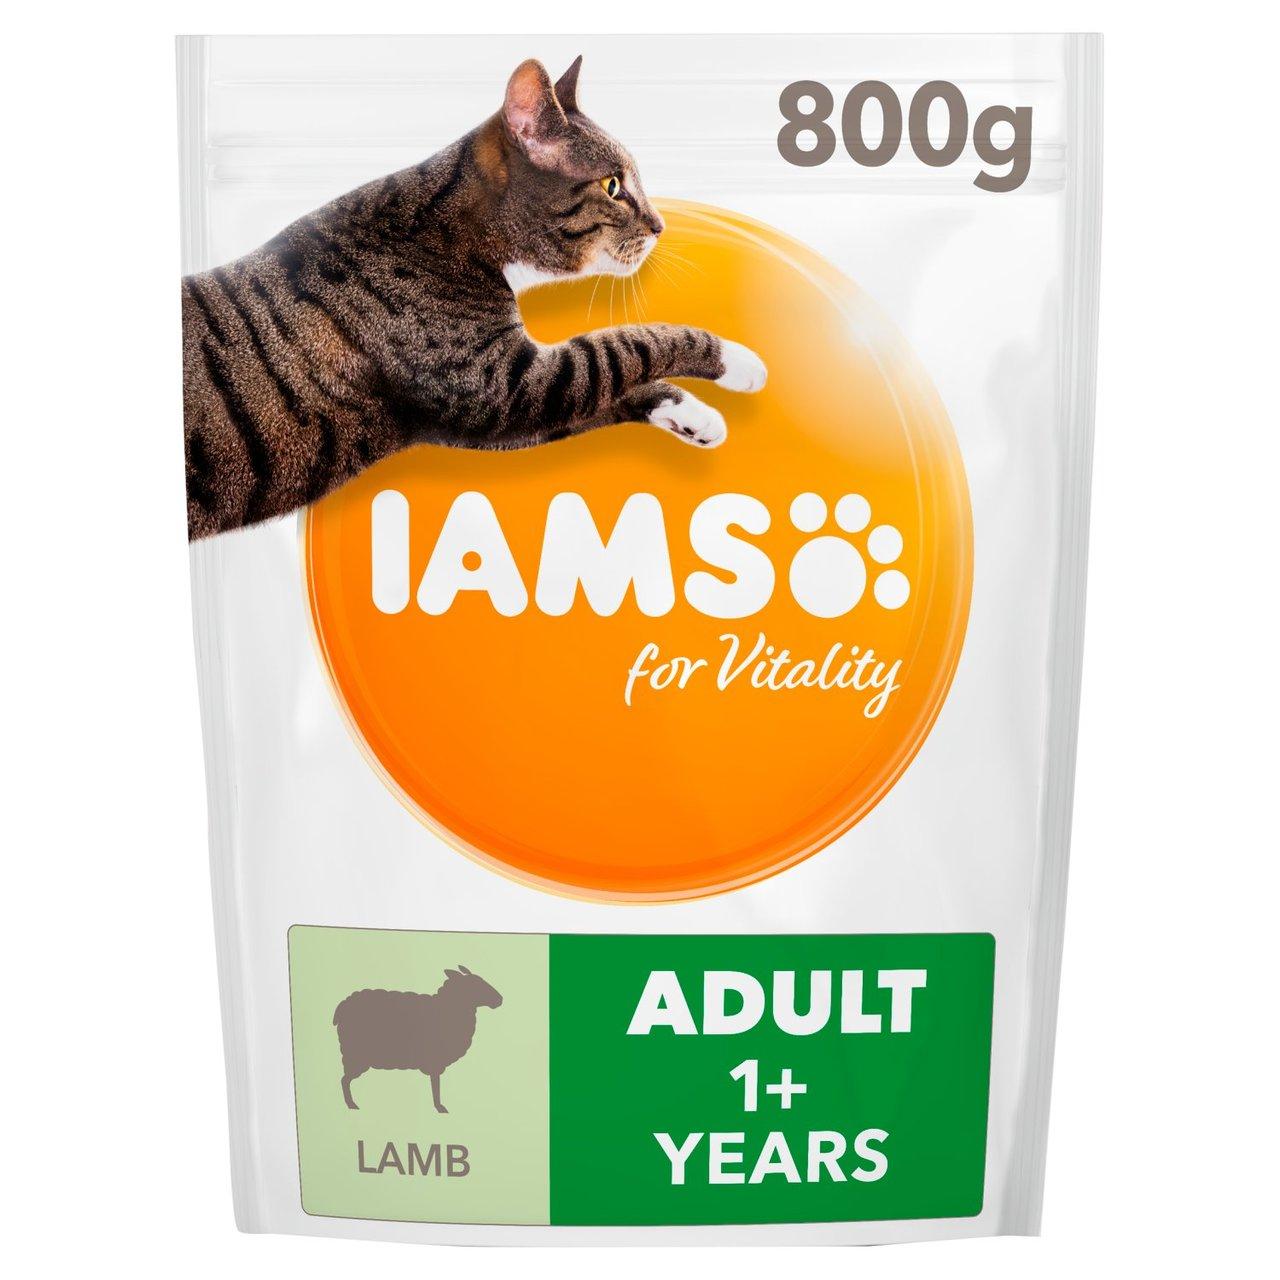 Iams adult cat food, lamb & salmon 800g £2 @ Morrisons